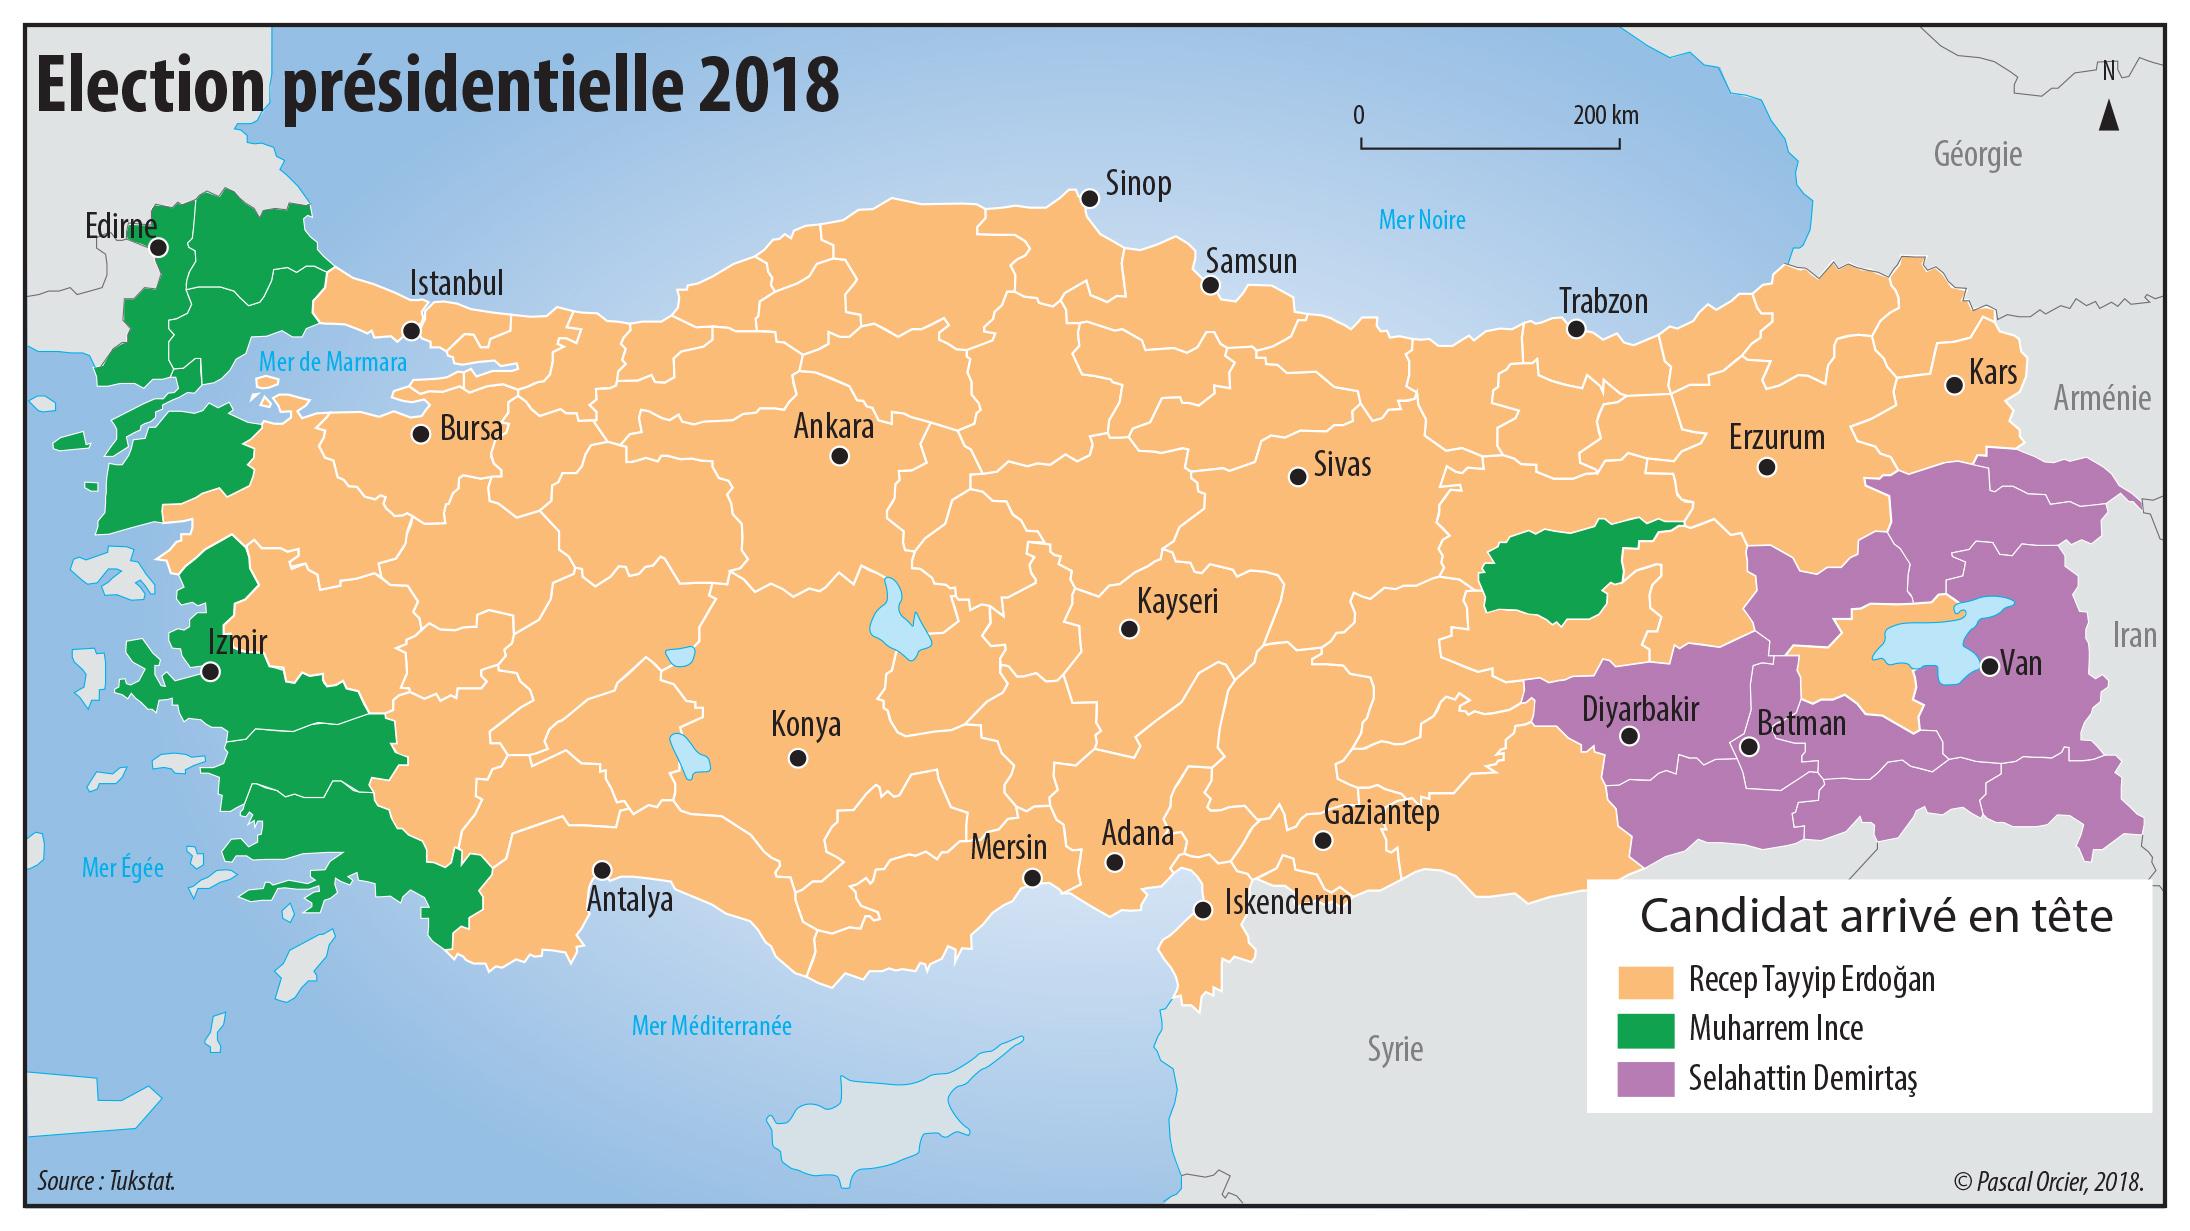 Pascal Orcier — élection 2018 en Turquie carte